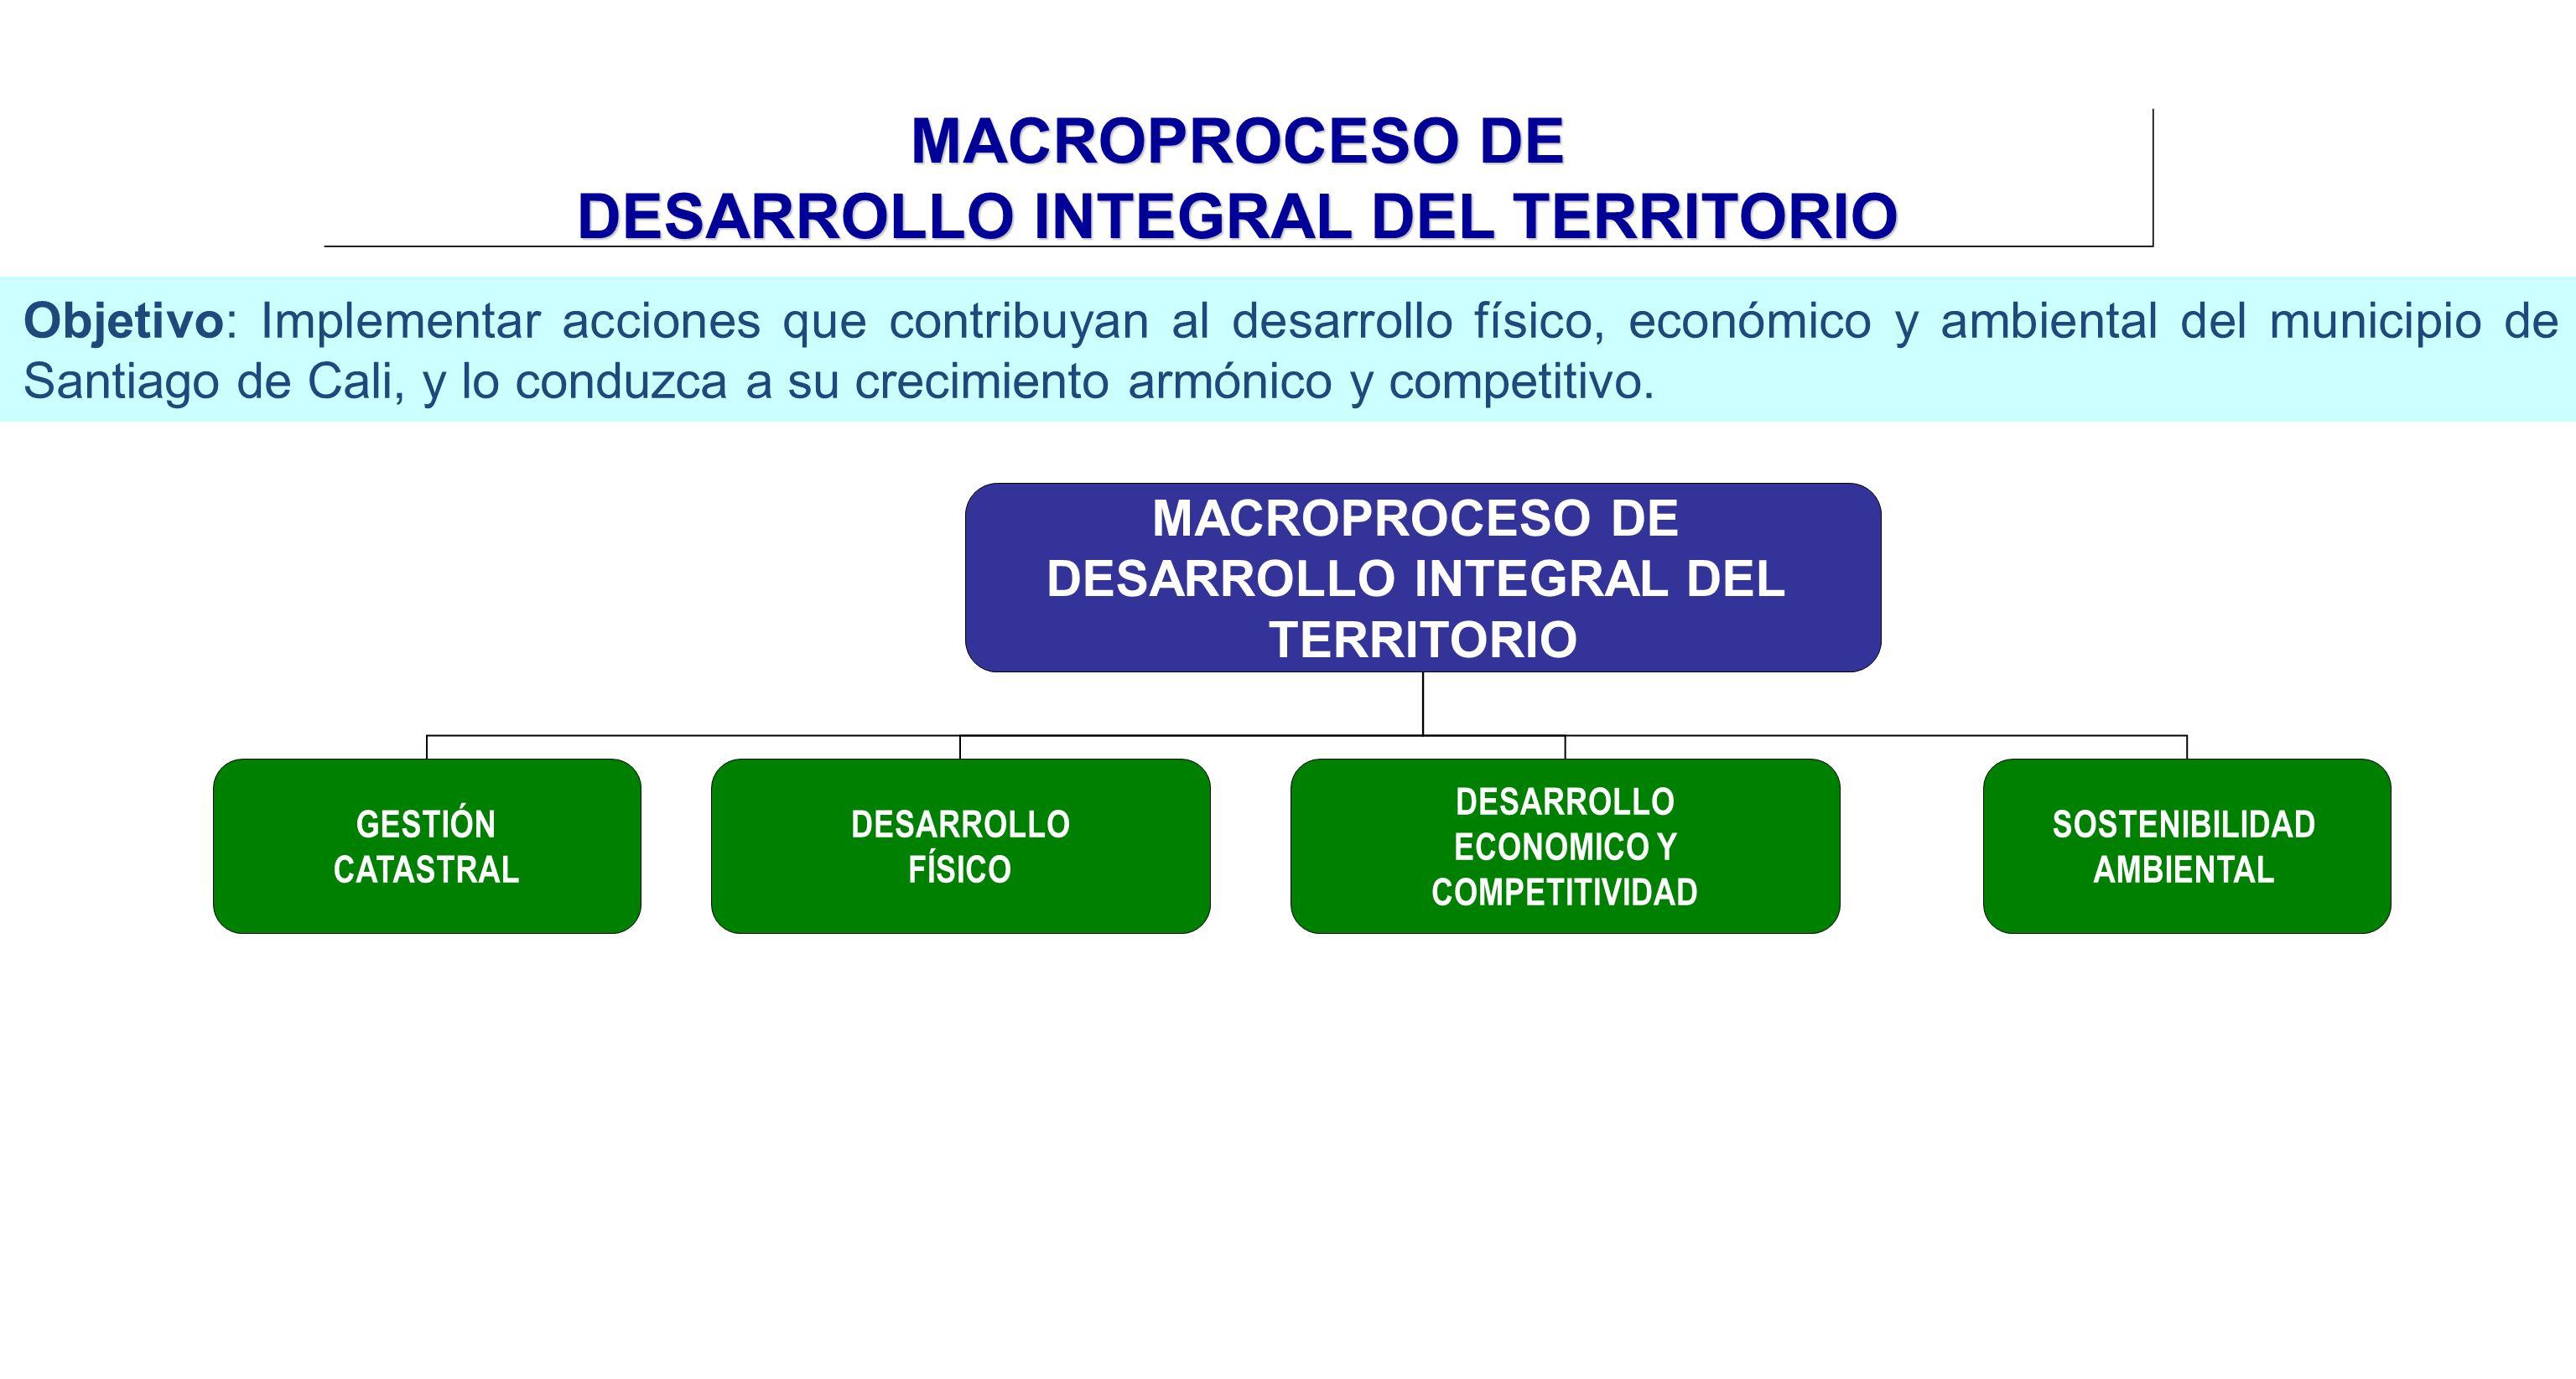 MACROPROCESO DE DESARROLLO INTEGRAL DEL TERRITORIO DESARROLLO ECONOMICO Y COMPETITIVIDAD SOSTENIBILIDAD AMBIENTAL GESTIÓN CATASTRAL DESARROLLO FÍSICO